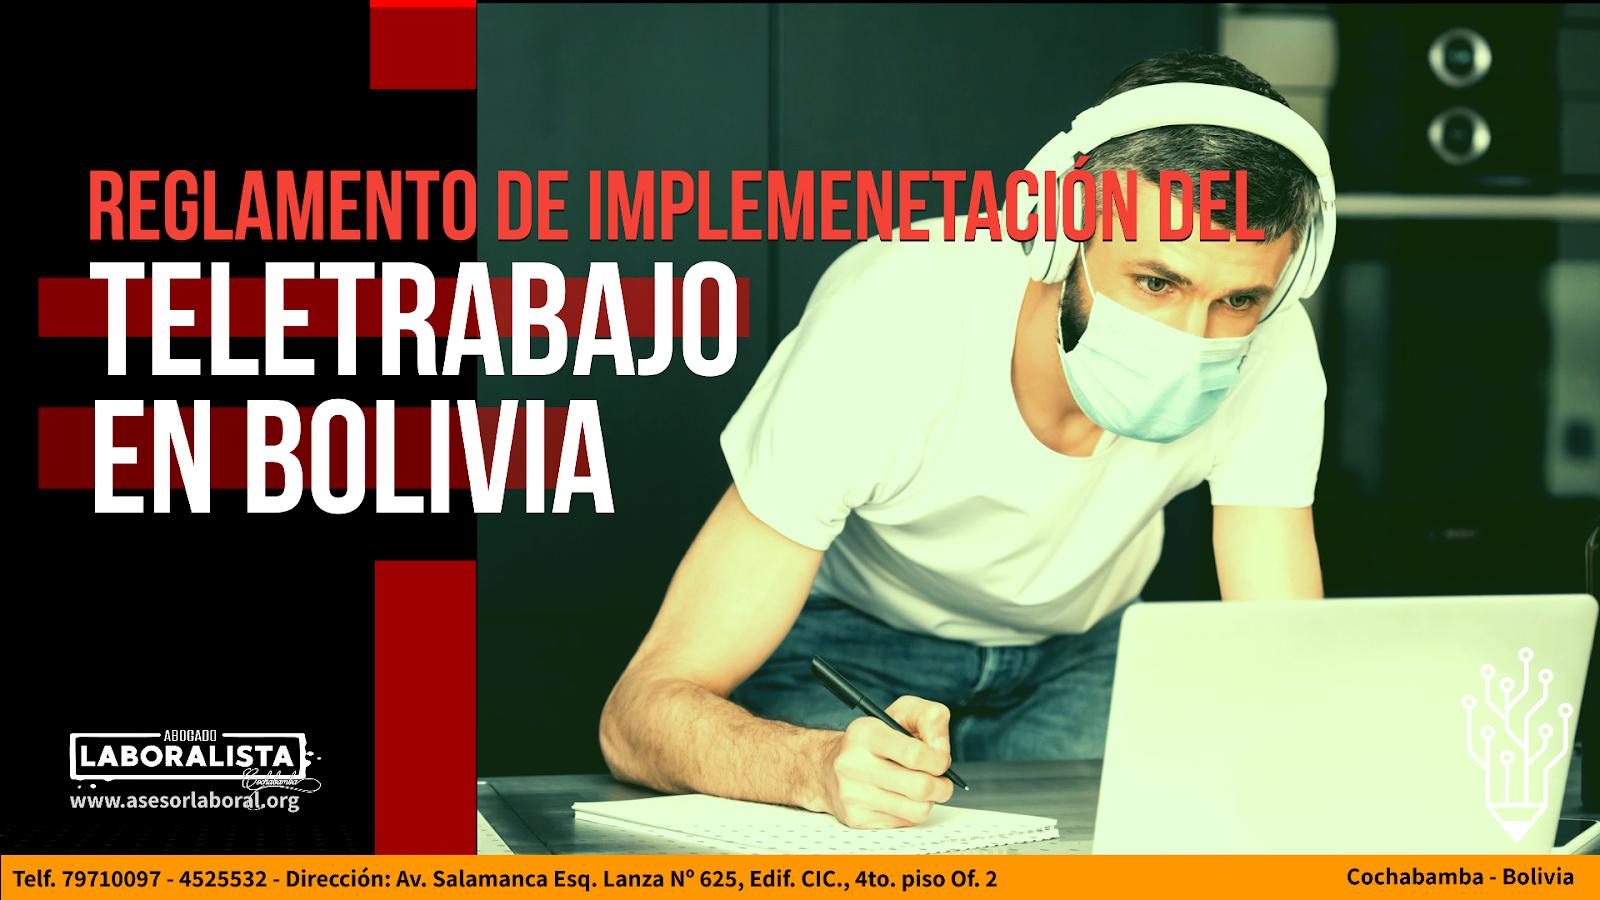 REGLAMENTO DE IMPLEMENTACIÓN DEL TELETRABAJO EN BOLIVIA